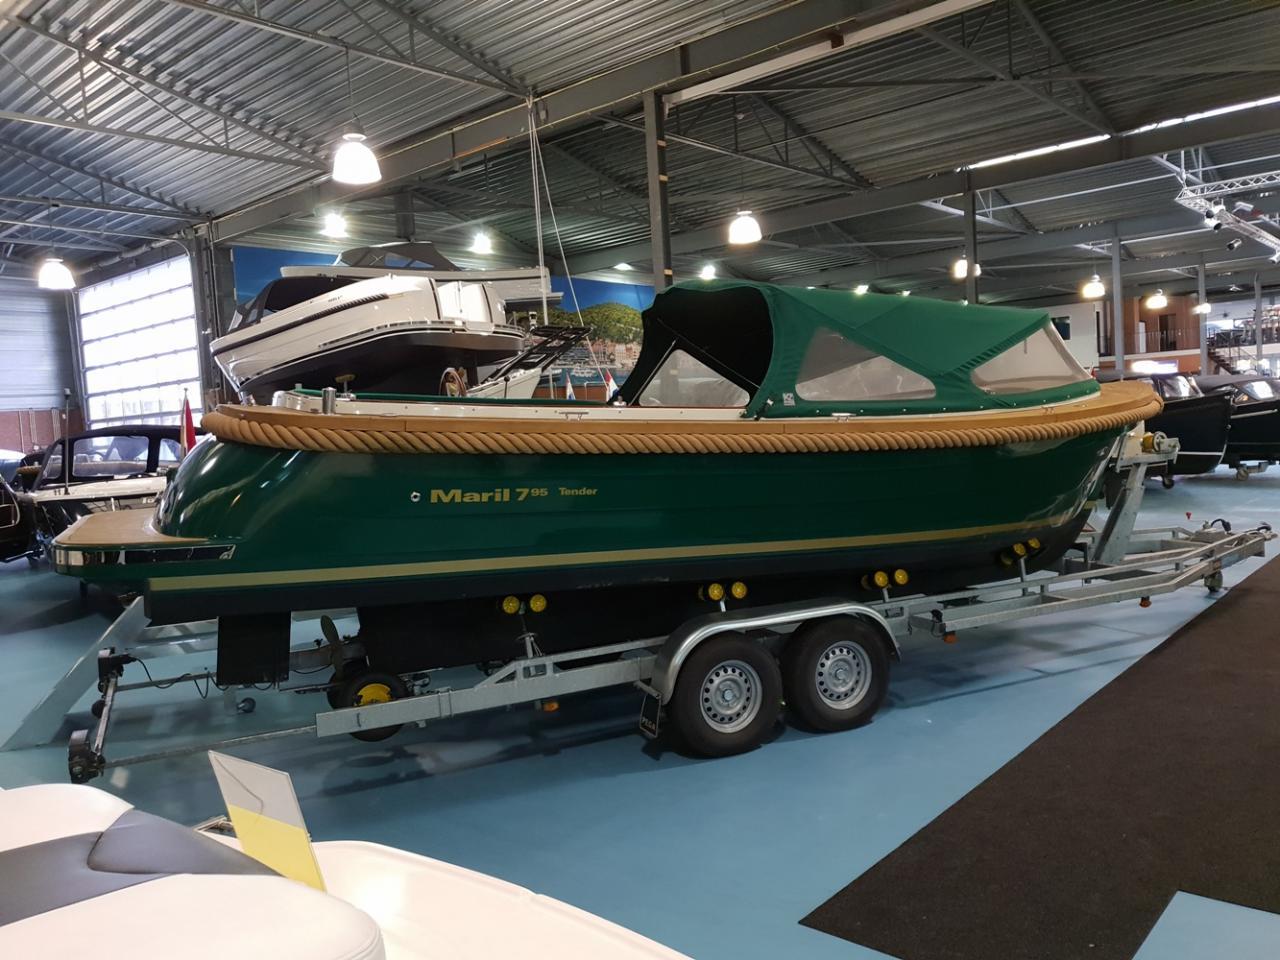 Maril 795 tender met Vetus 42 pk full options! 2